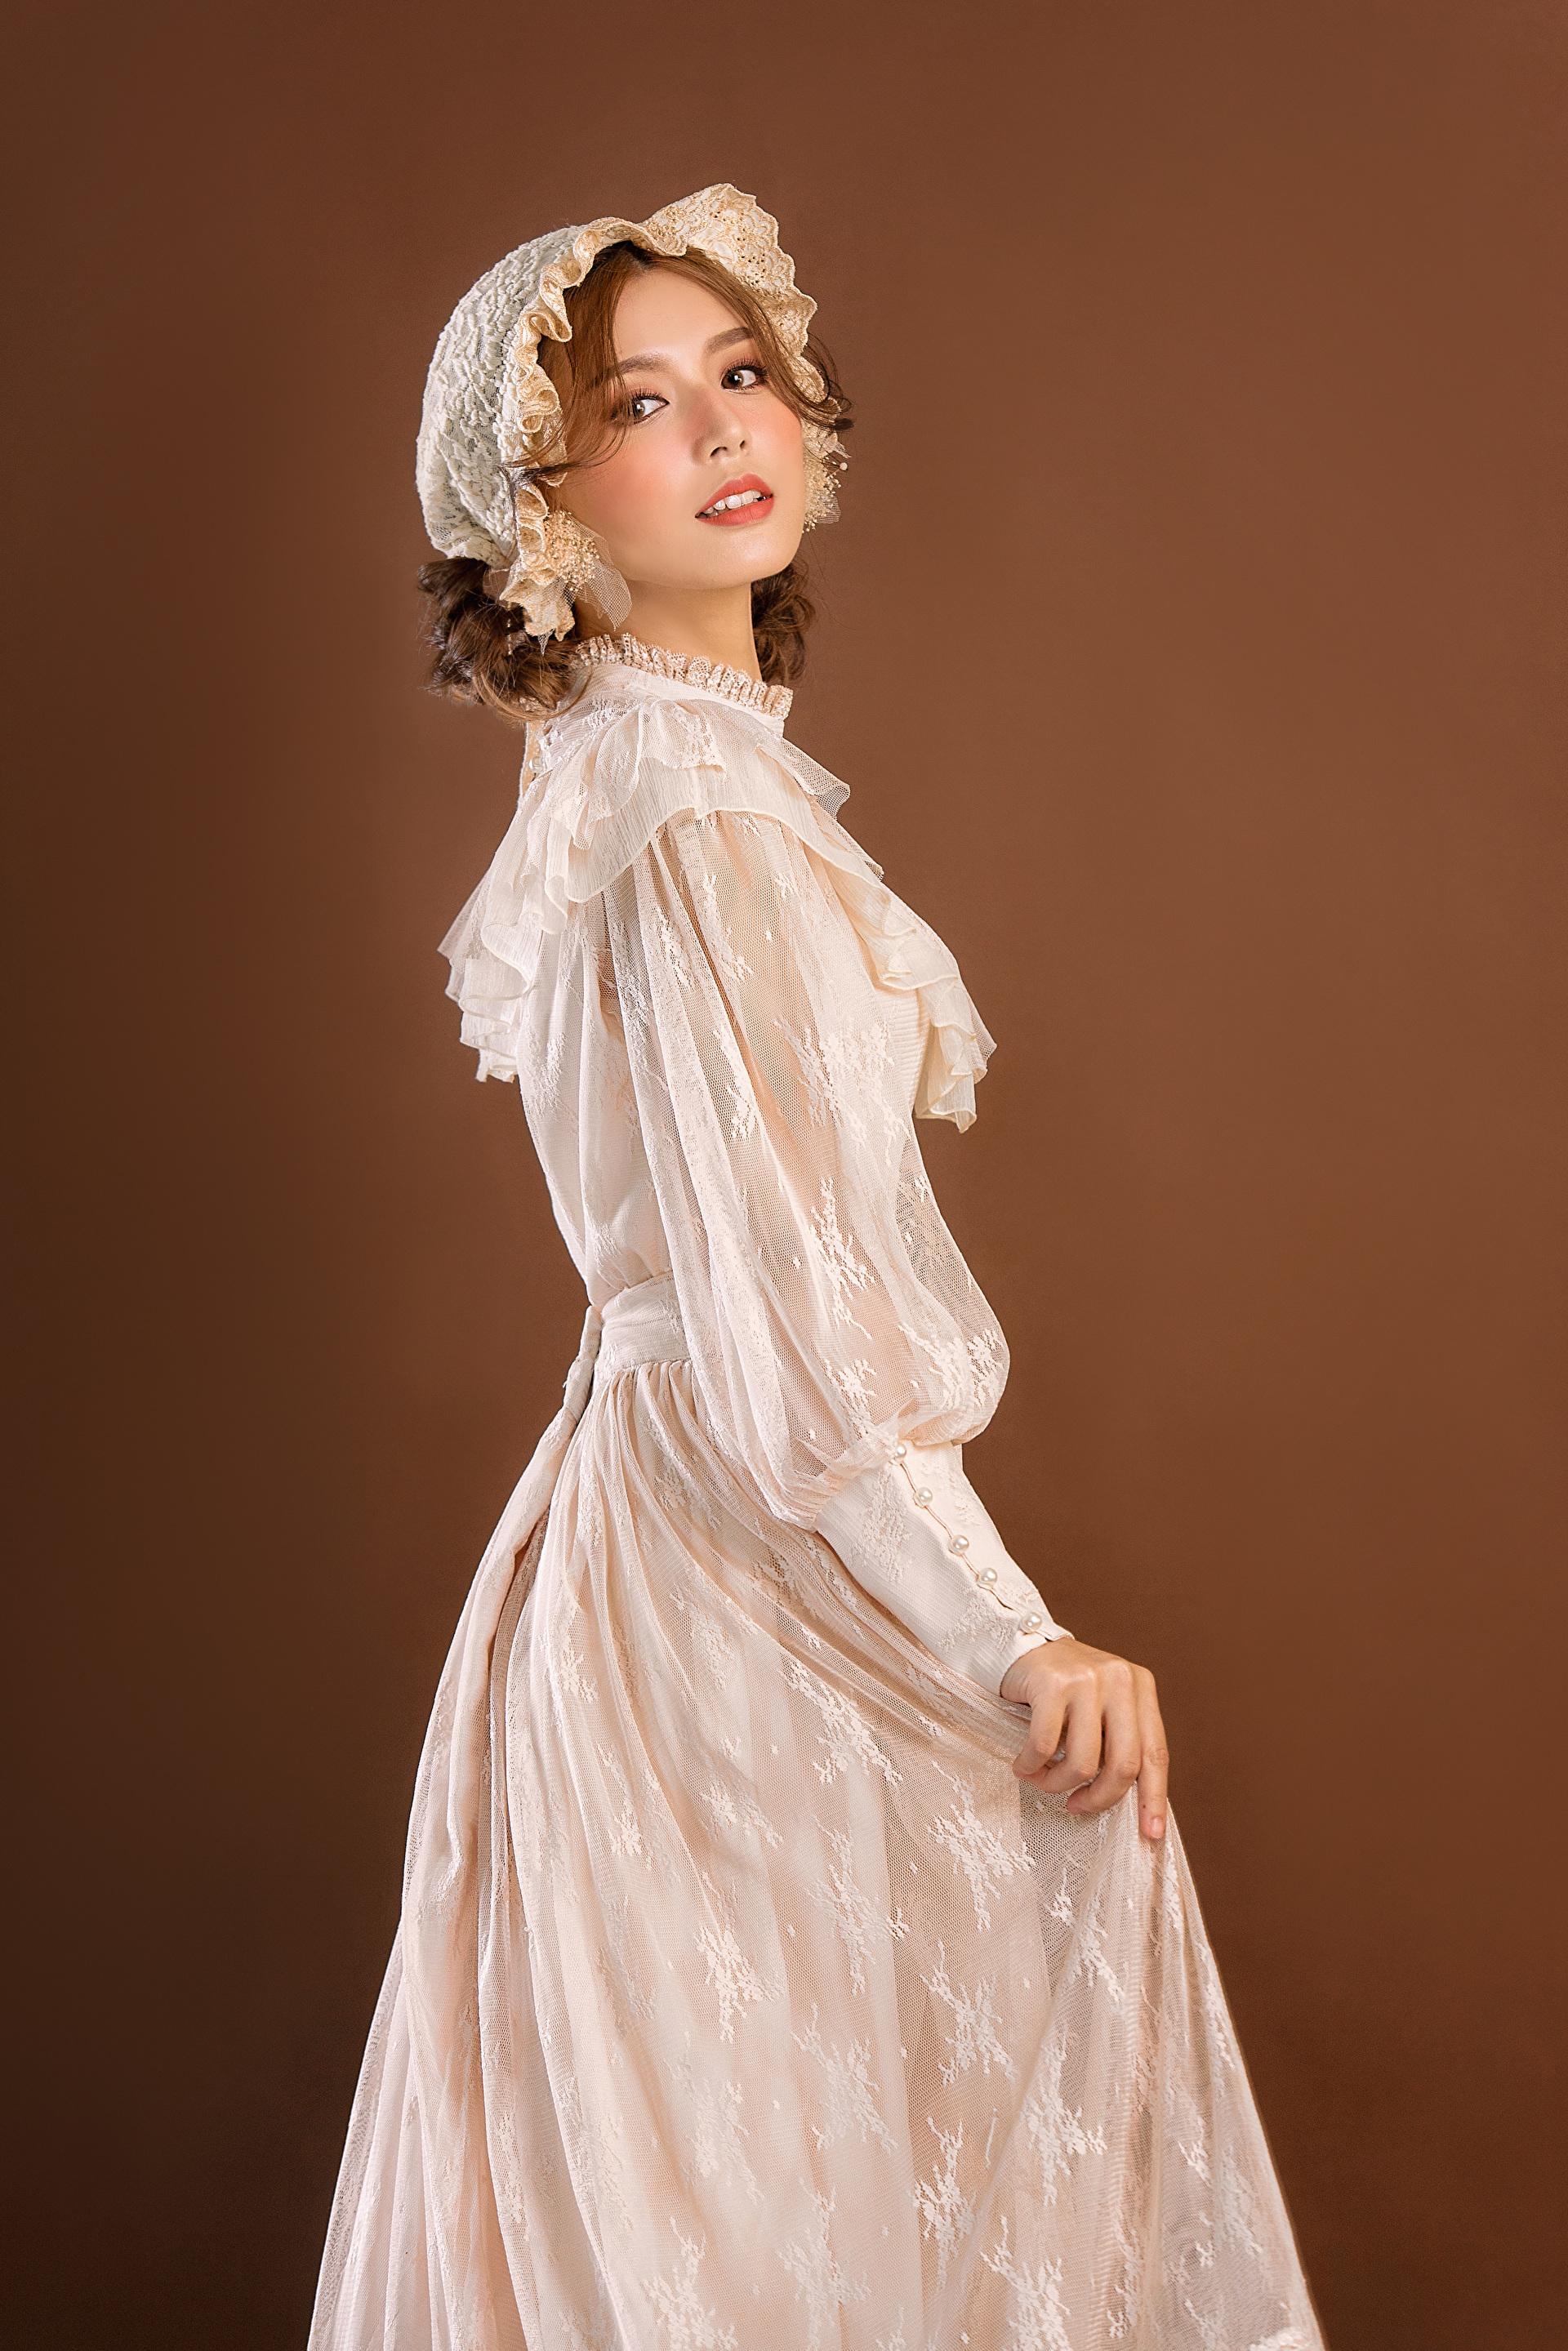 Fotos Retro Mädchens Asiatische Starren Kleid 1920x2880 für Handy antik junge frau junge Frauen Asiaten asiatisches Blick